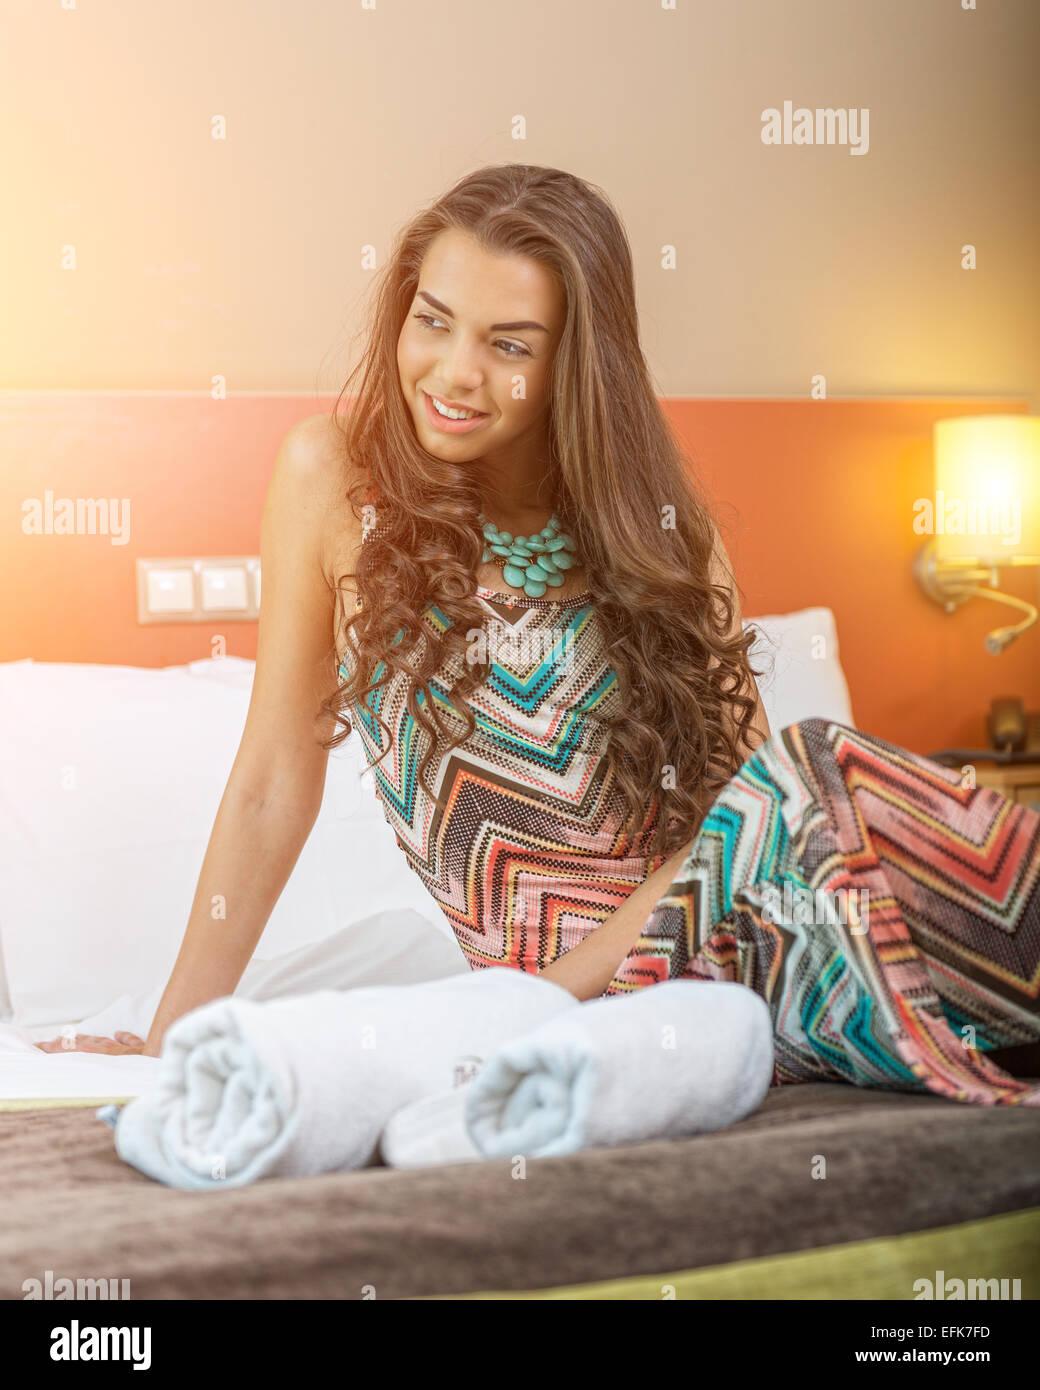 Giovane donna seduta nel letto di una stanza di un hotel Immagini Stock